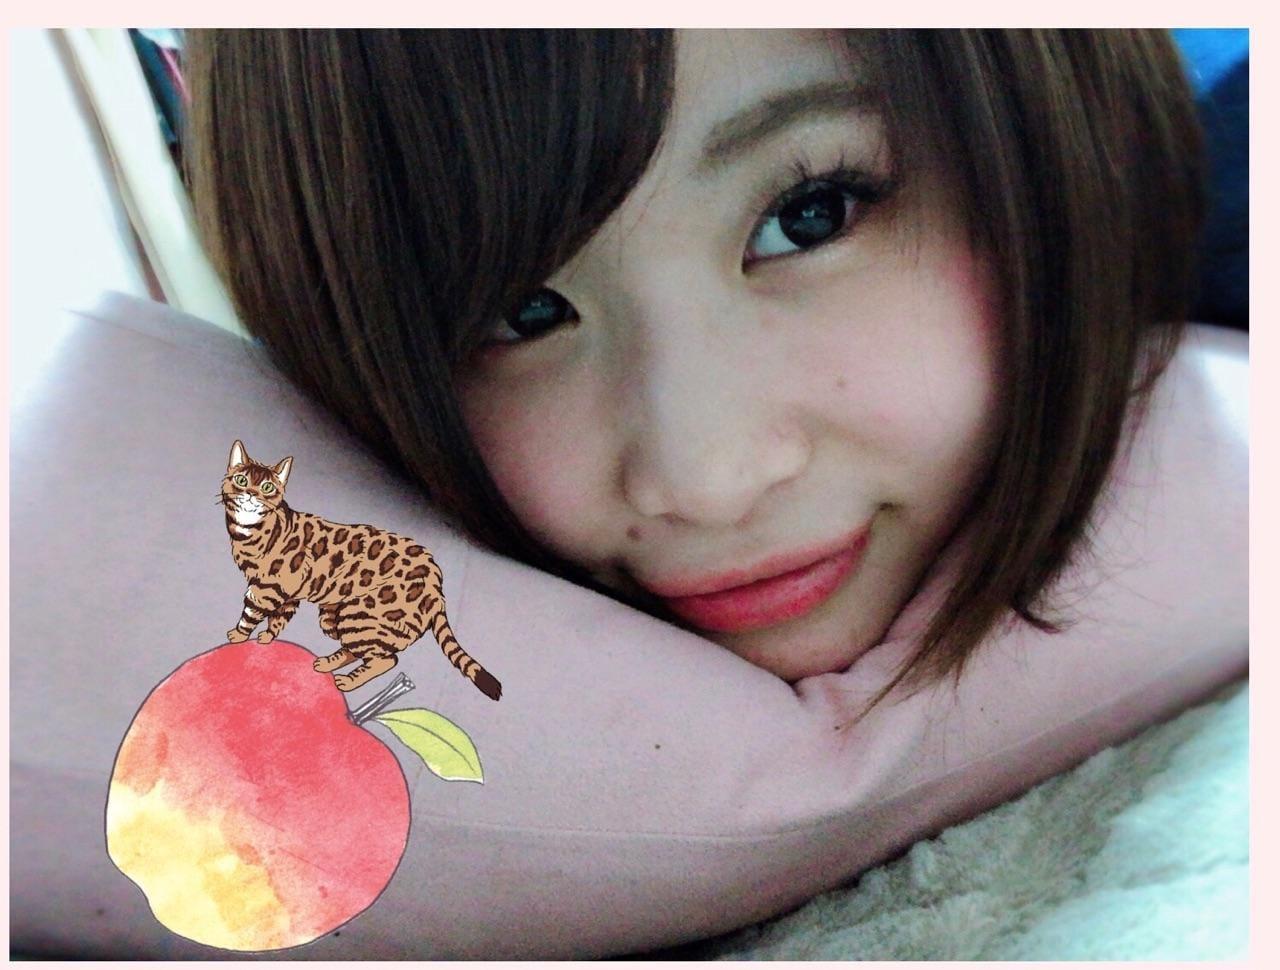 りんご「出勤のおしらせぇ〜」05/21(月) 21:29 | りんごの写メ・風俗動画